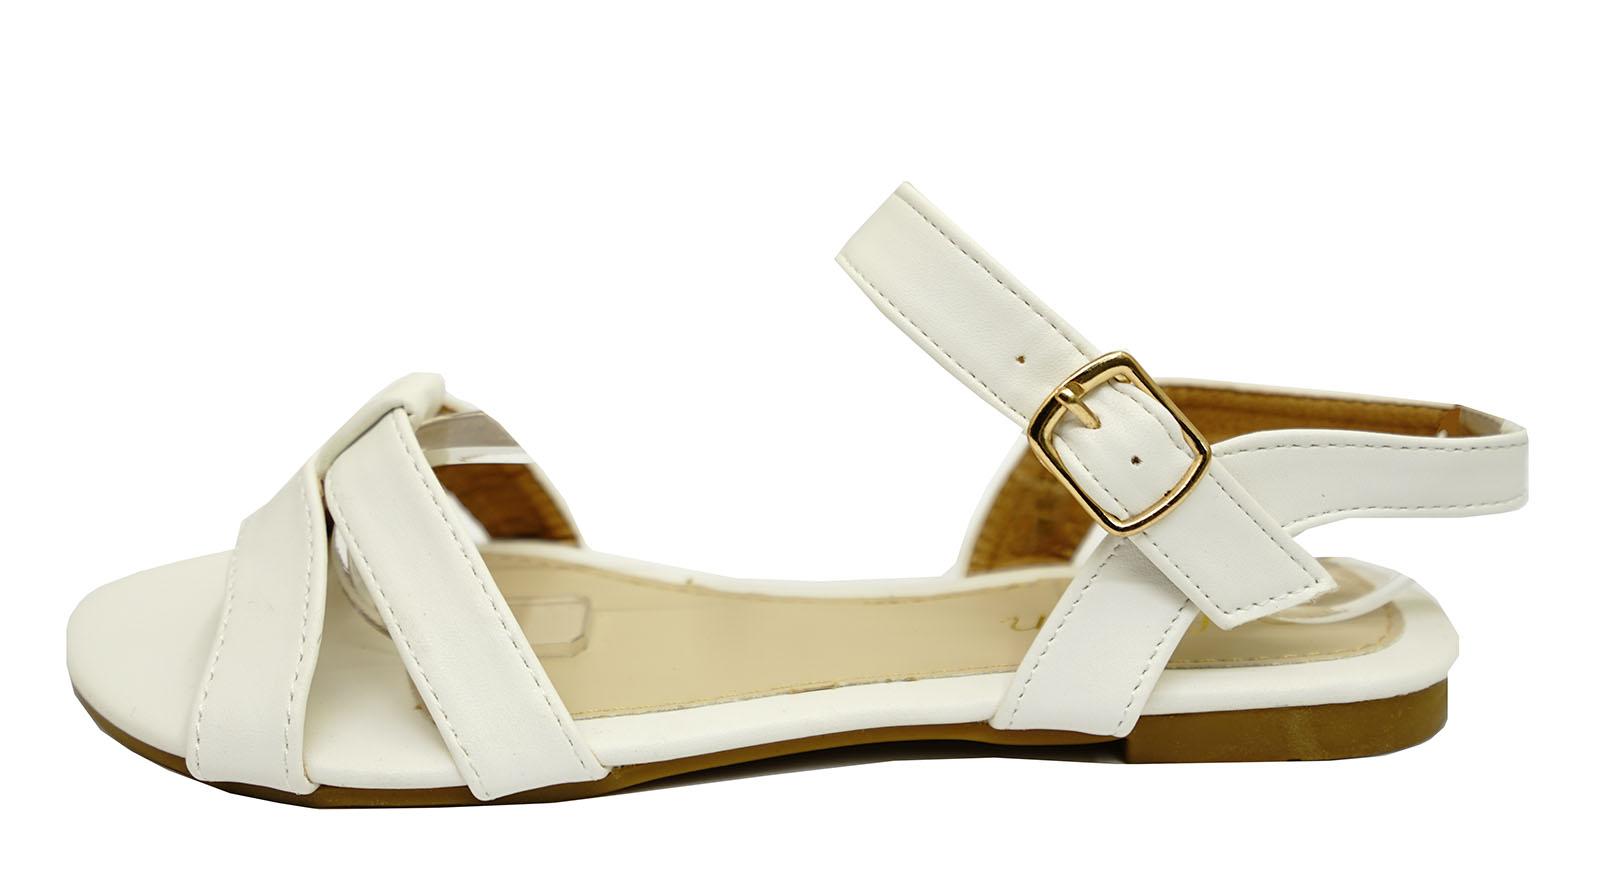 damen wei flach riemen gladiator sommer sandalen flip flop bequeme schuhe uk ebay. Black Bedroom Furniture Sets. Home Design Ideas